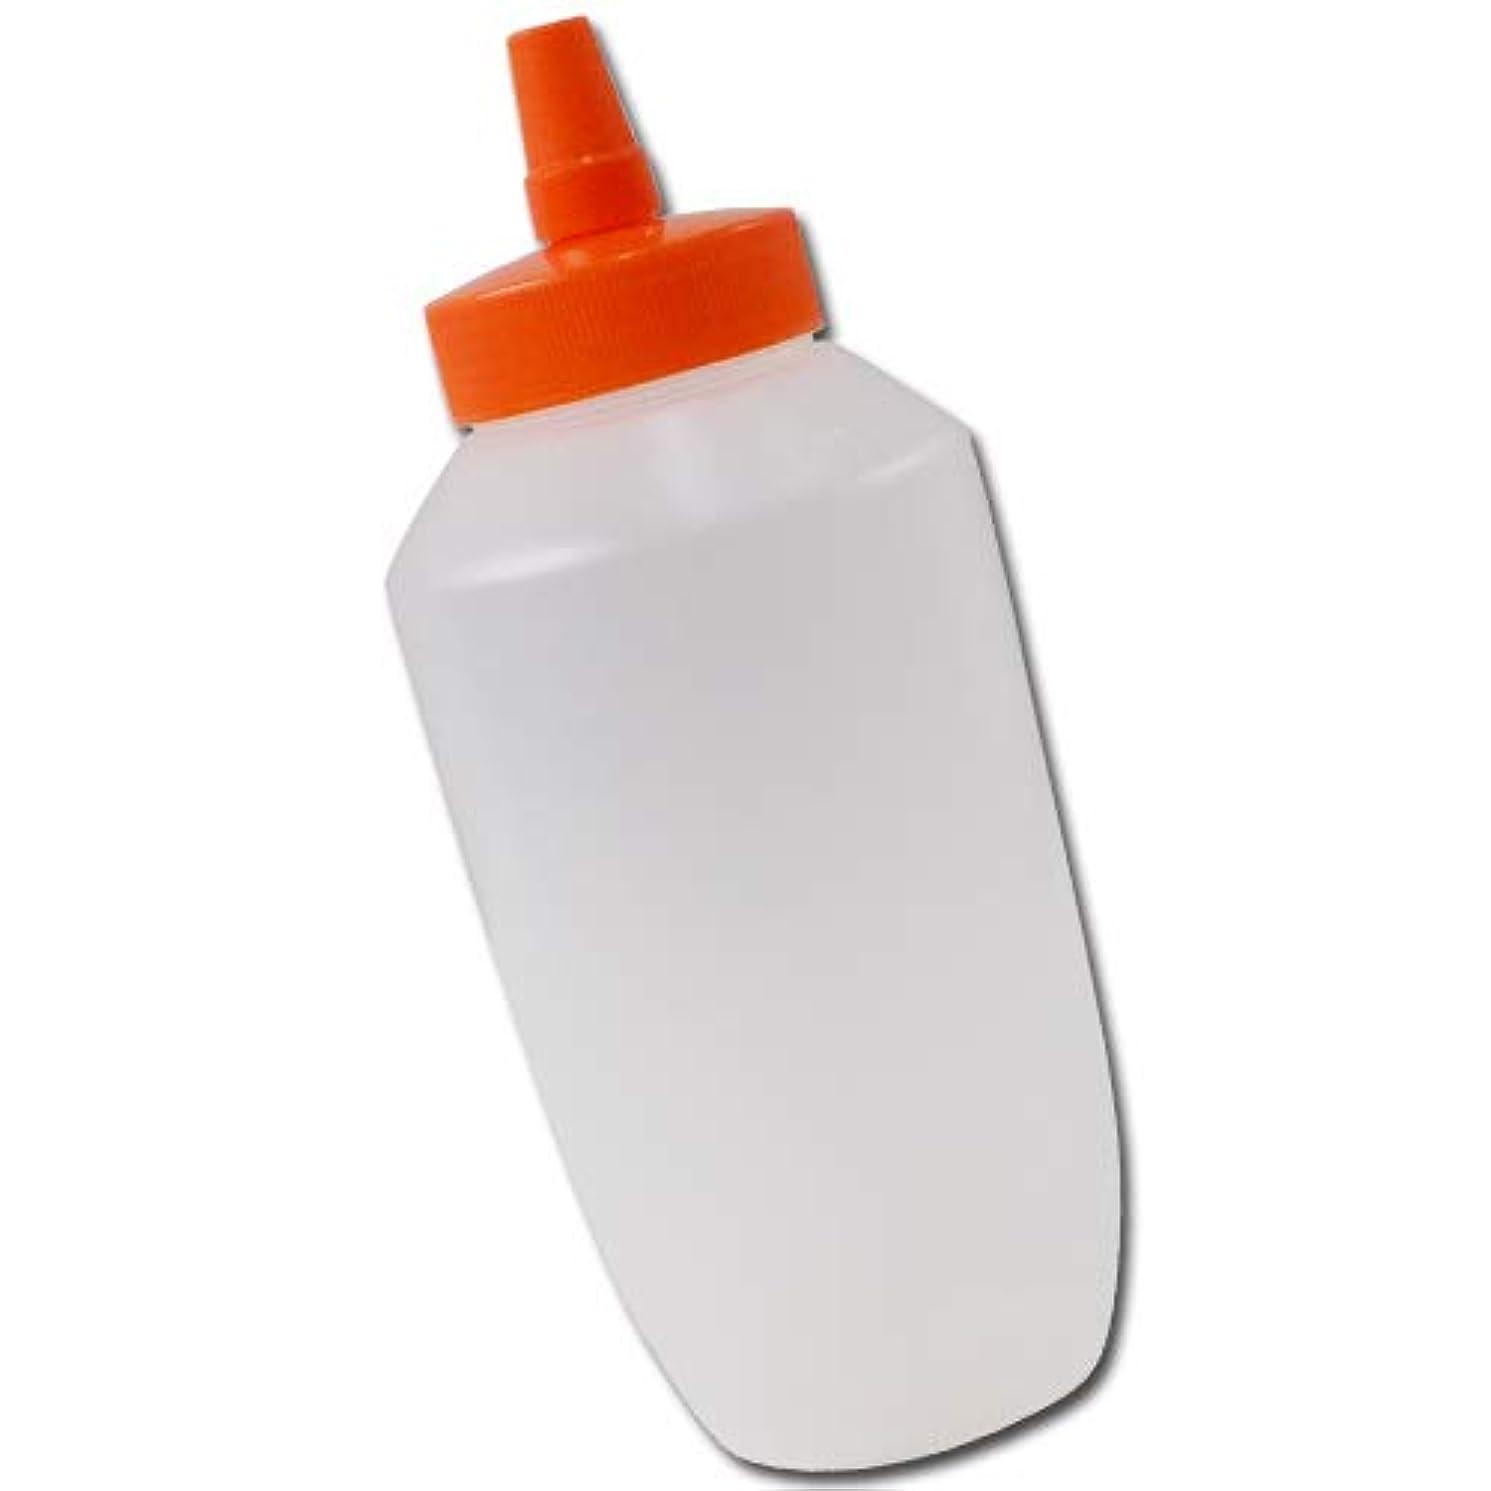 経由でかすれた真実にはちみつ容器740mll(オレンジキャップ)│業務用ローションや調味料の小分けに詰め替え用ハチミツ容器(蜂蜜容器)はちみつボトルビッグな特大サイズ